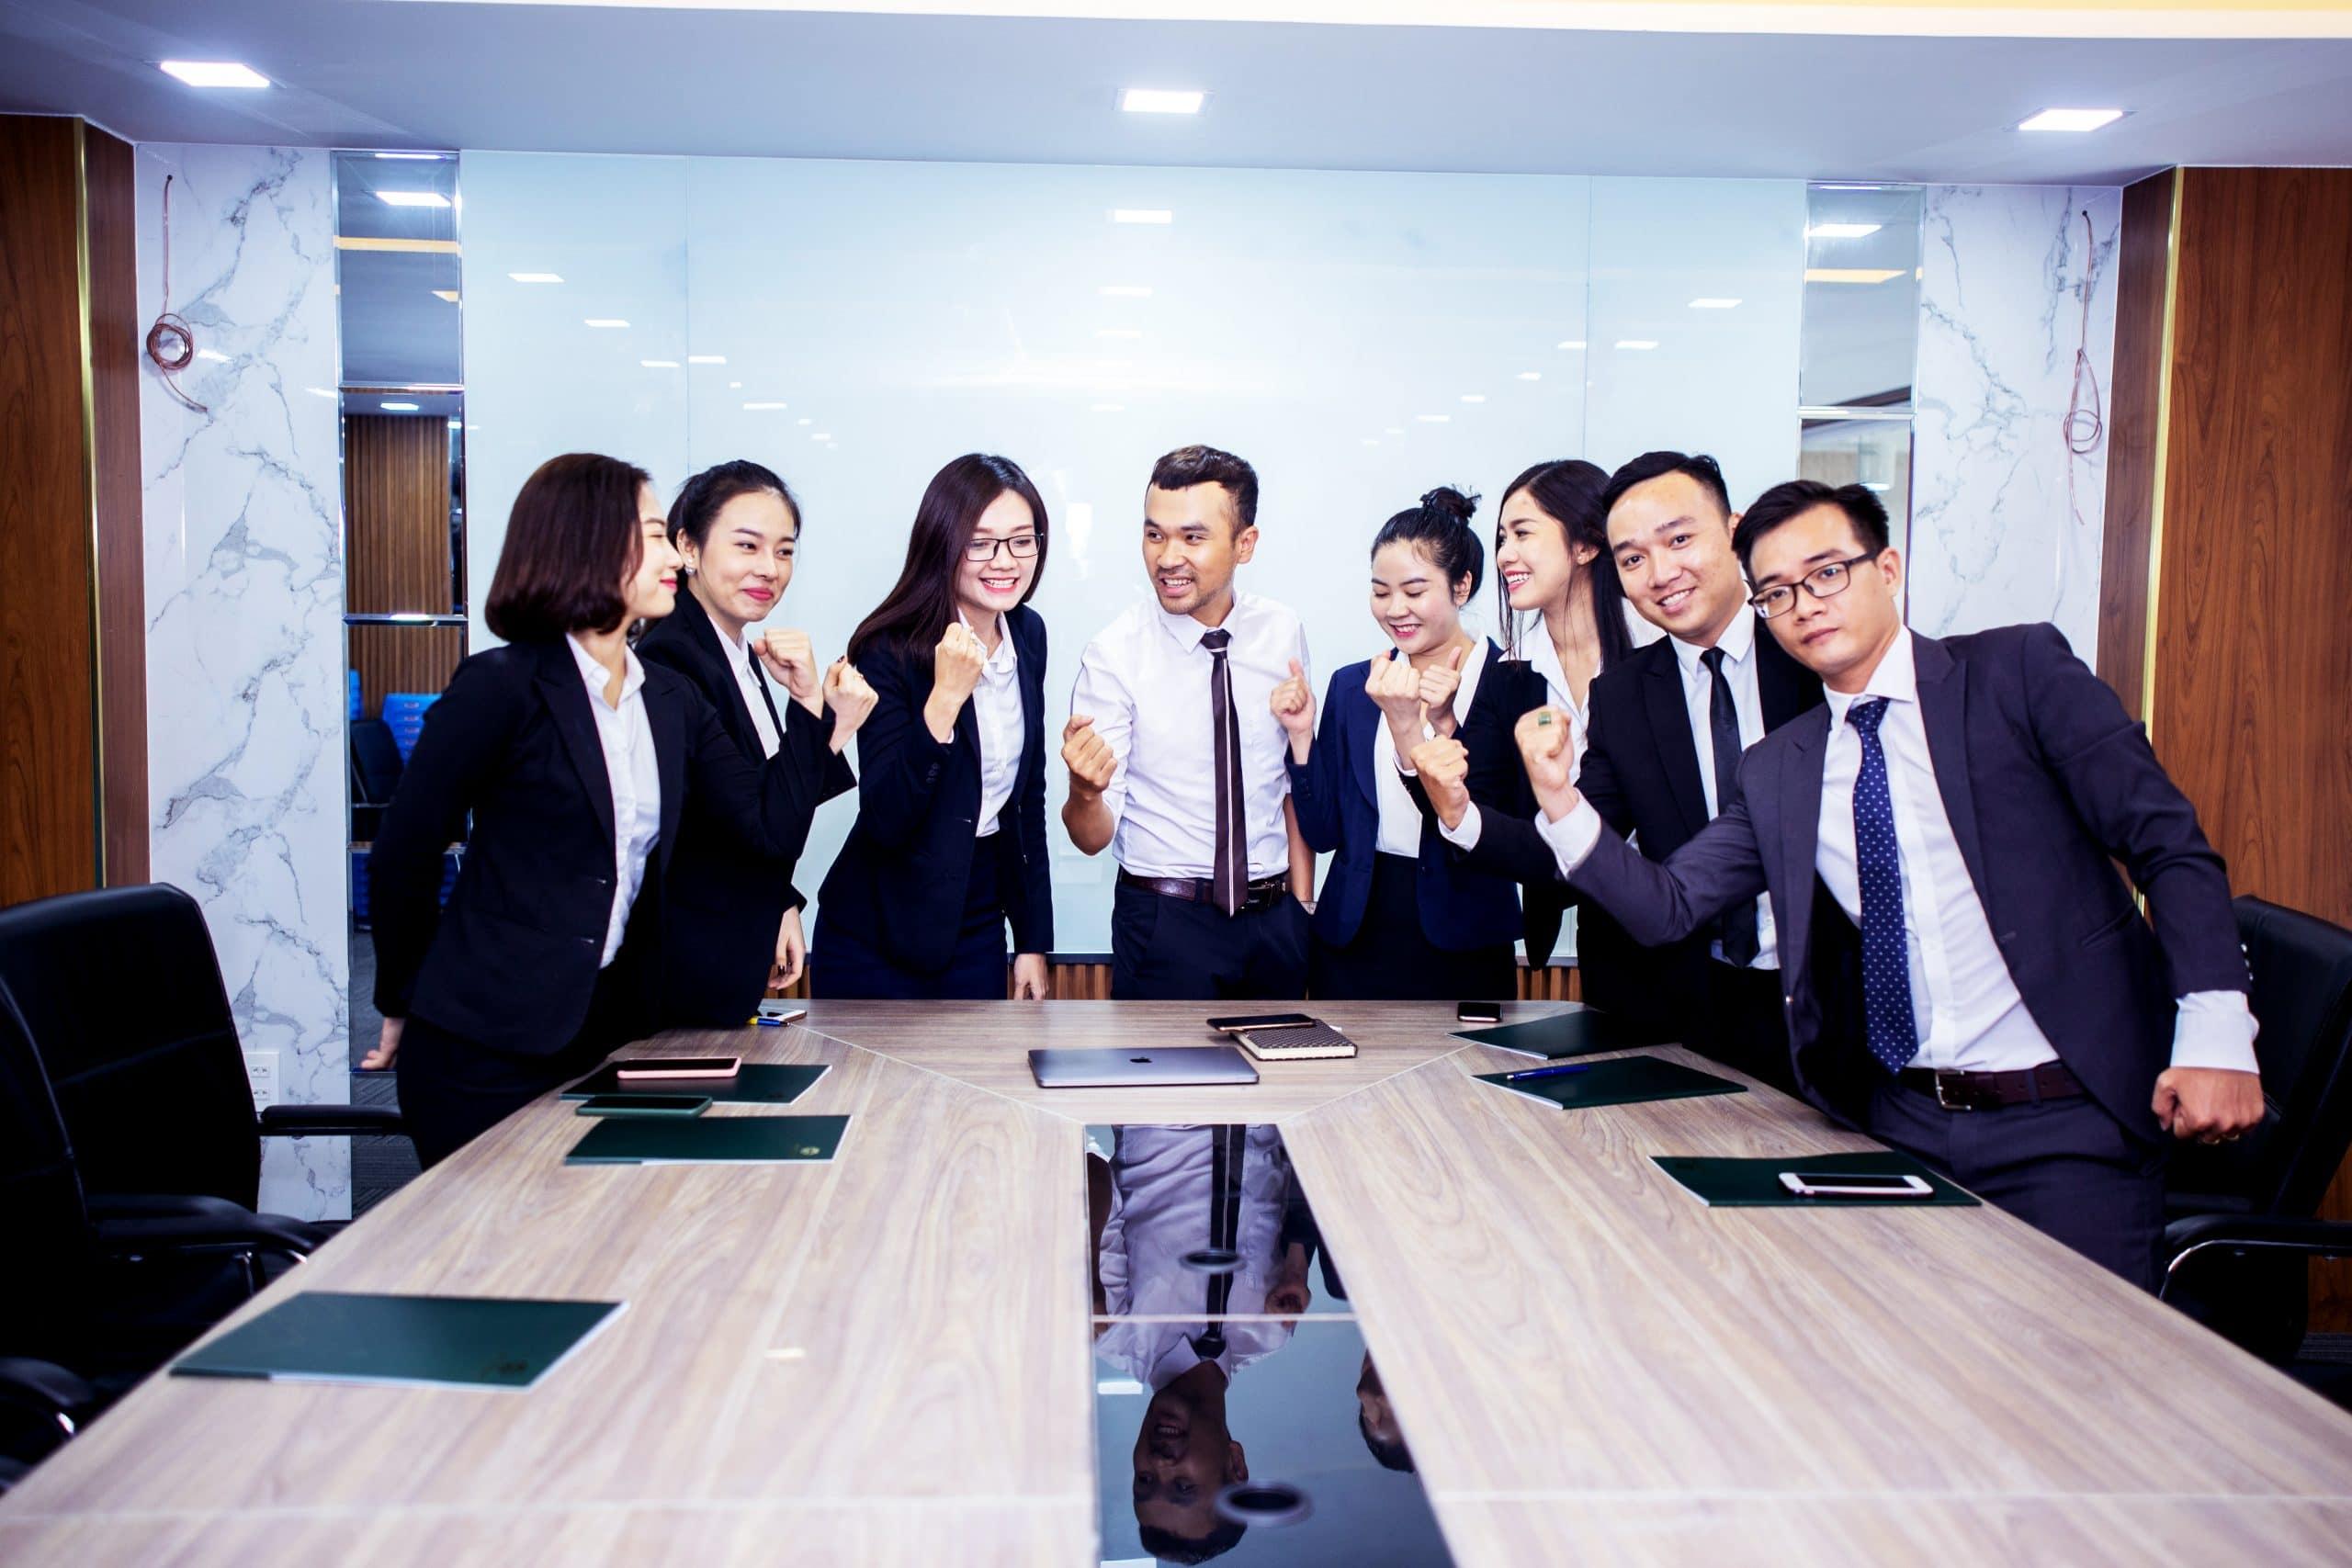 Gia An Property: Mỗi nhân viên là một đồng đội sát cánh đi tới thành công - 23